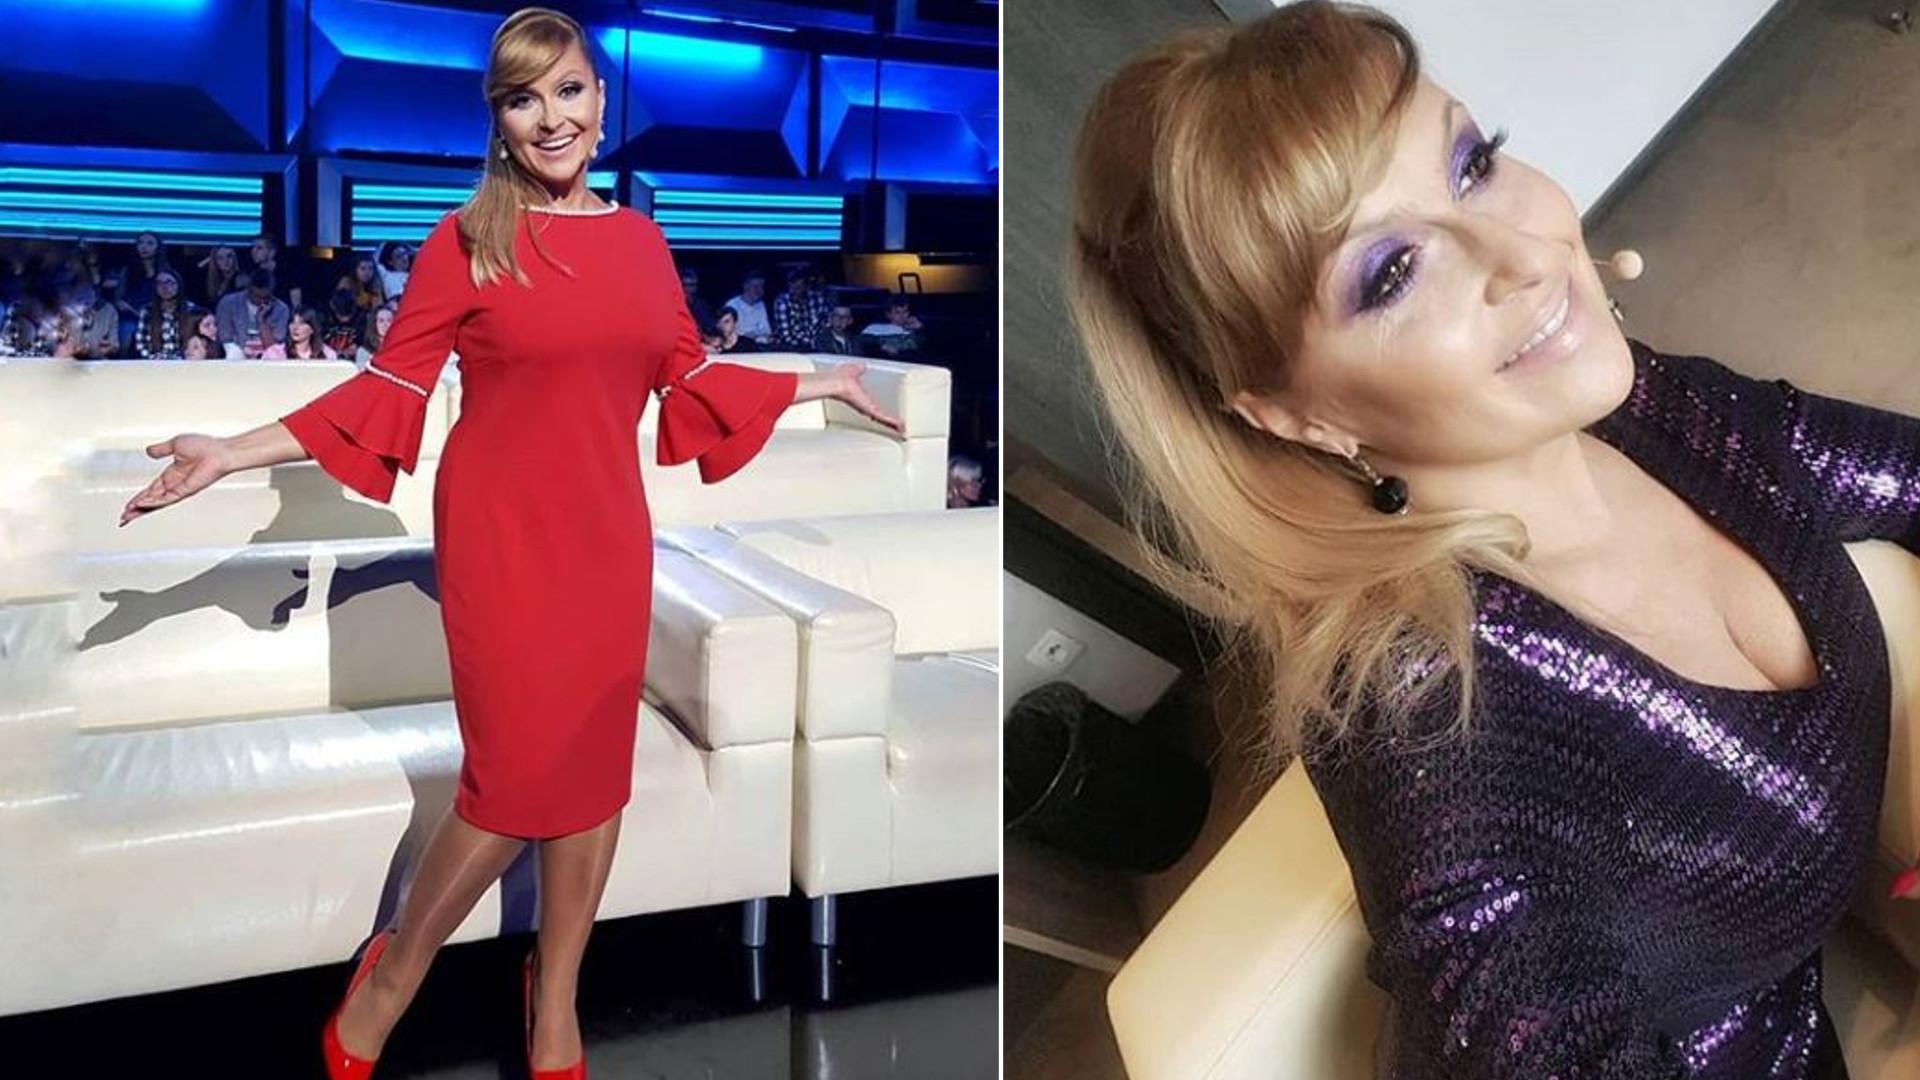 WOW, co za metamorfoza, Katarzyna Skrzynecka drastycznie skróciła włosy i wygląda BOSKO!